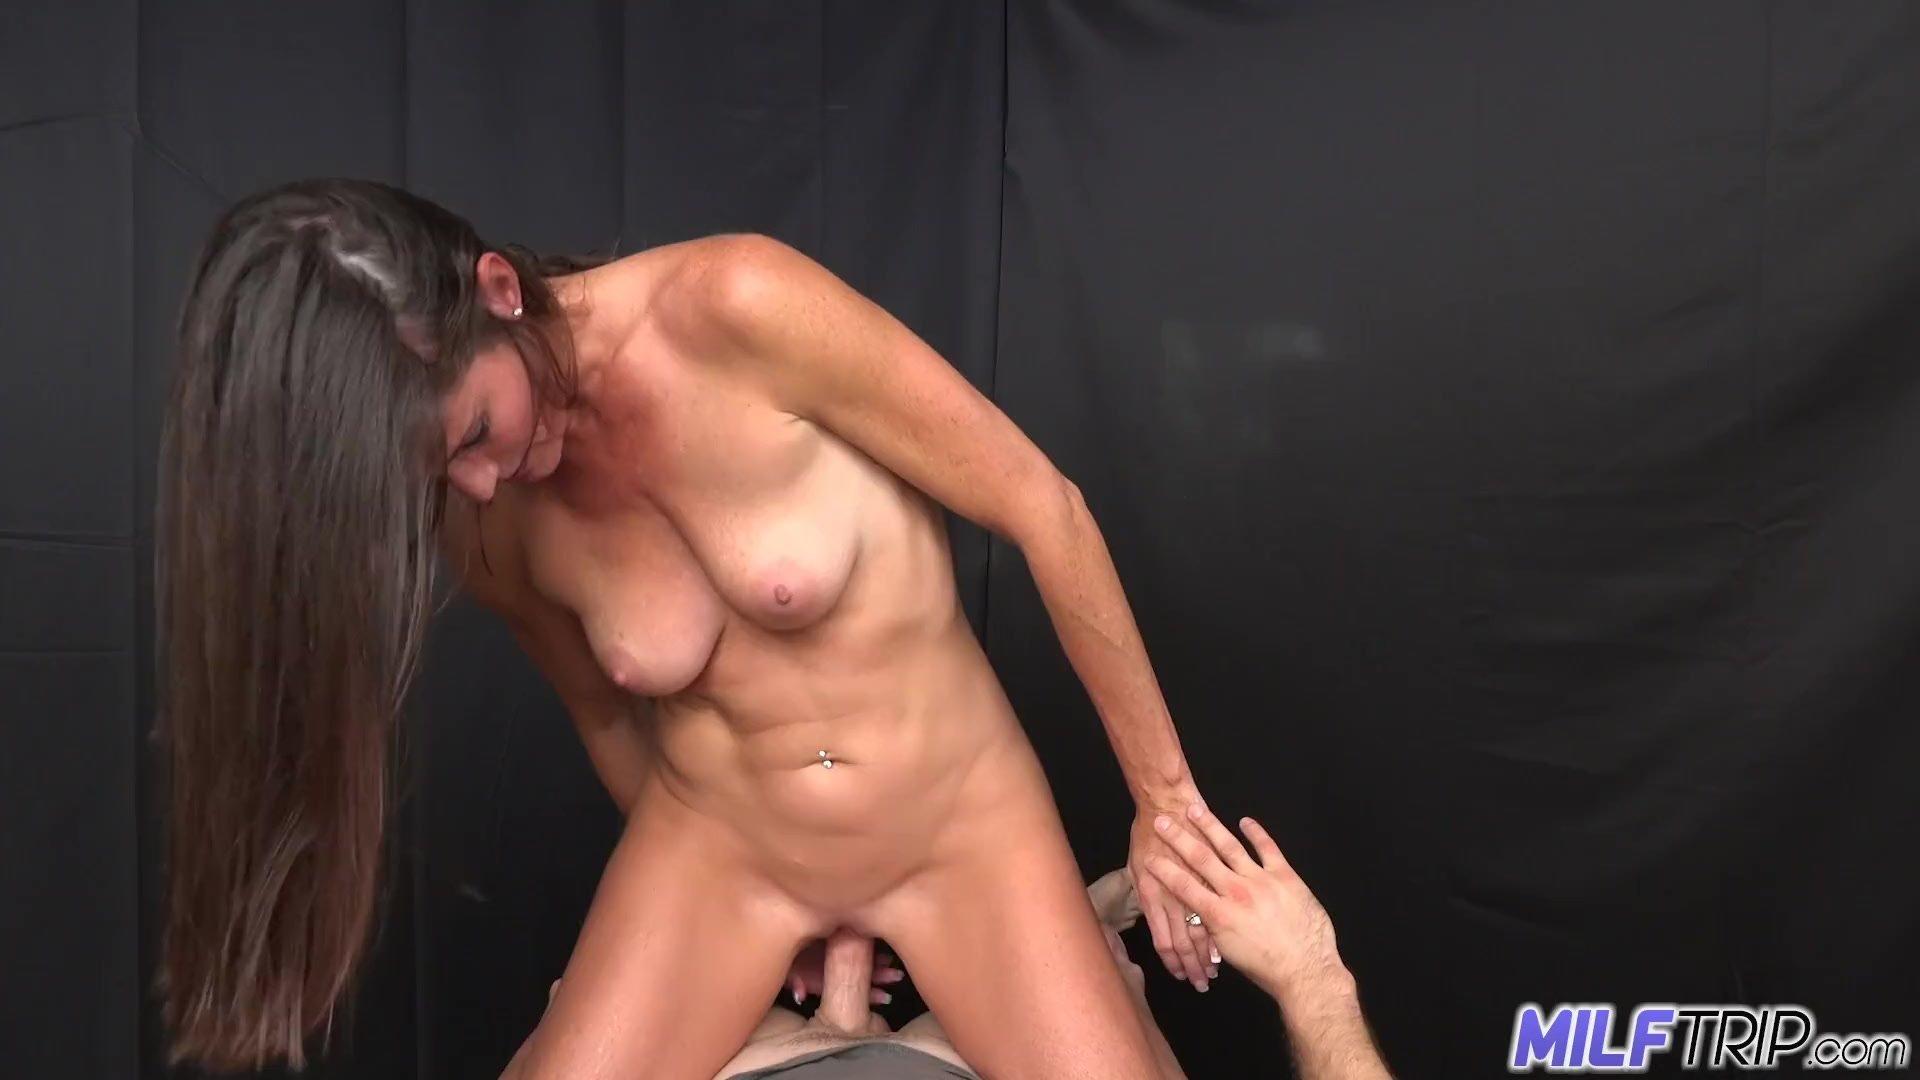 Big boobs/big smoking brunette takes trip